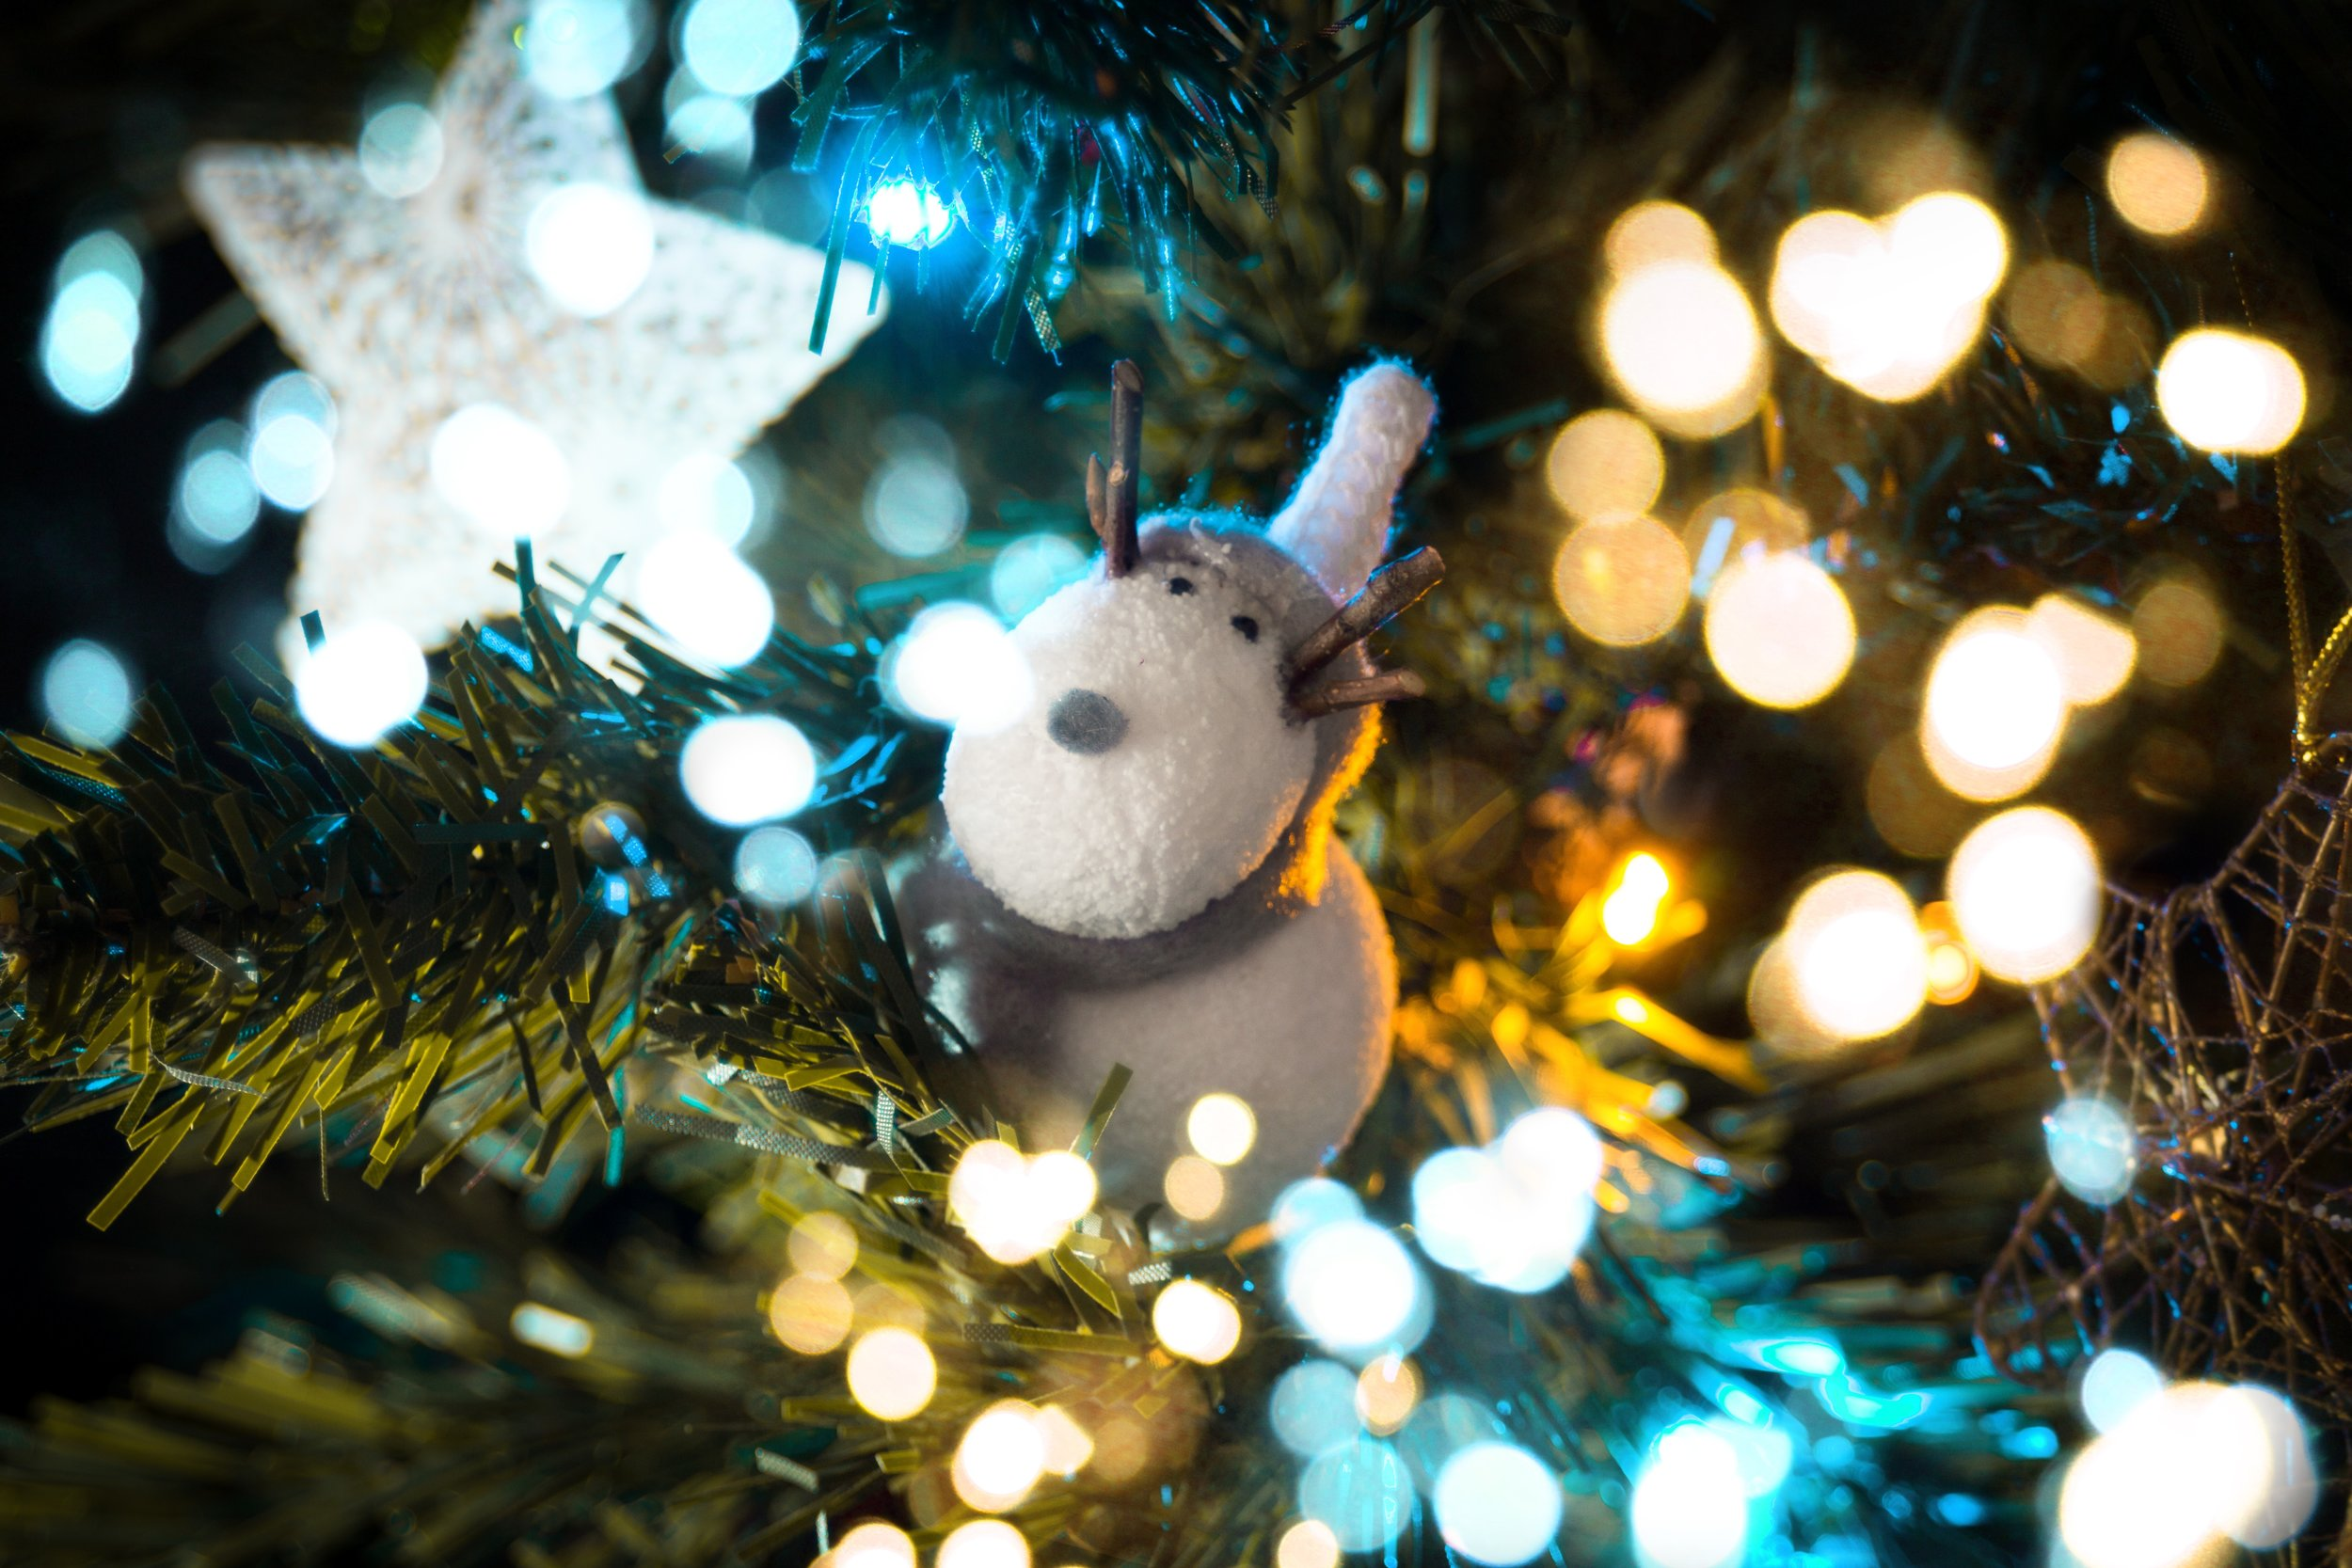 See the Reindeer -